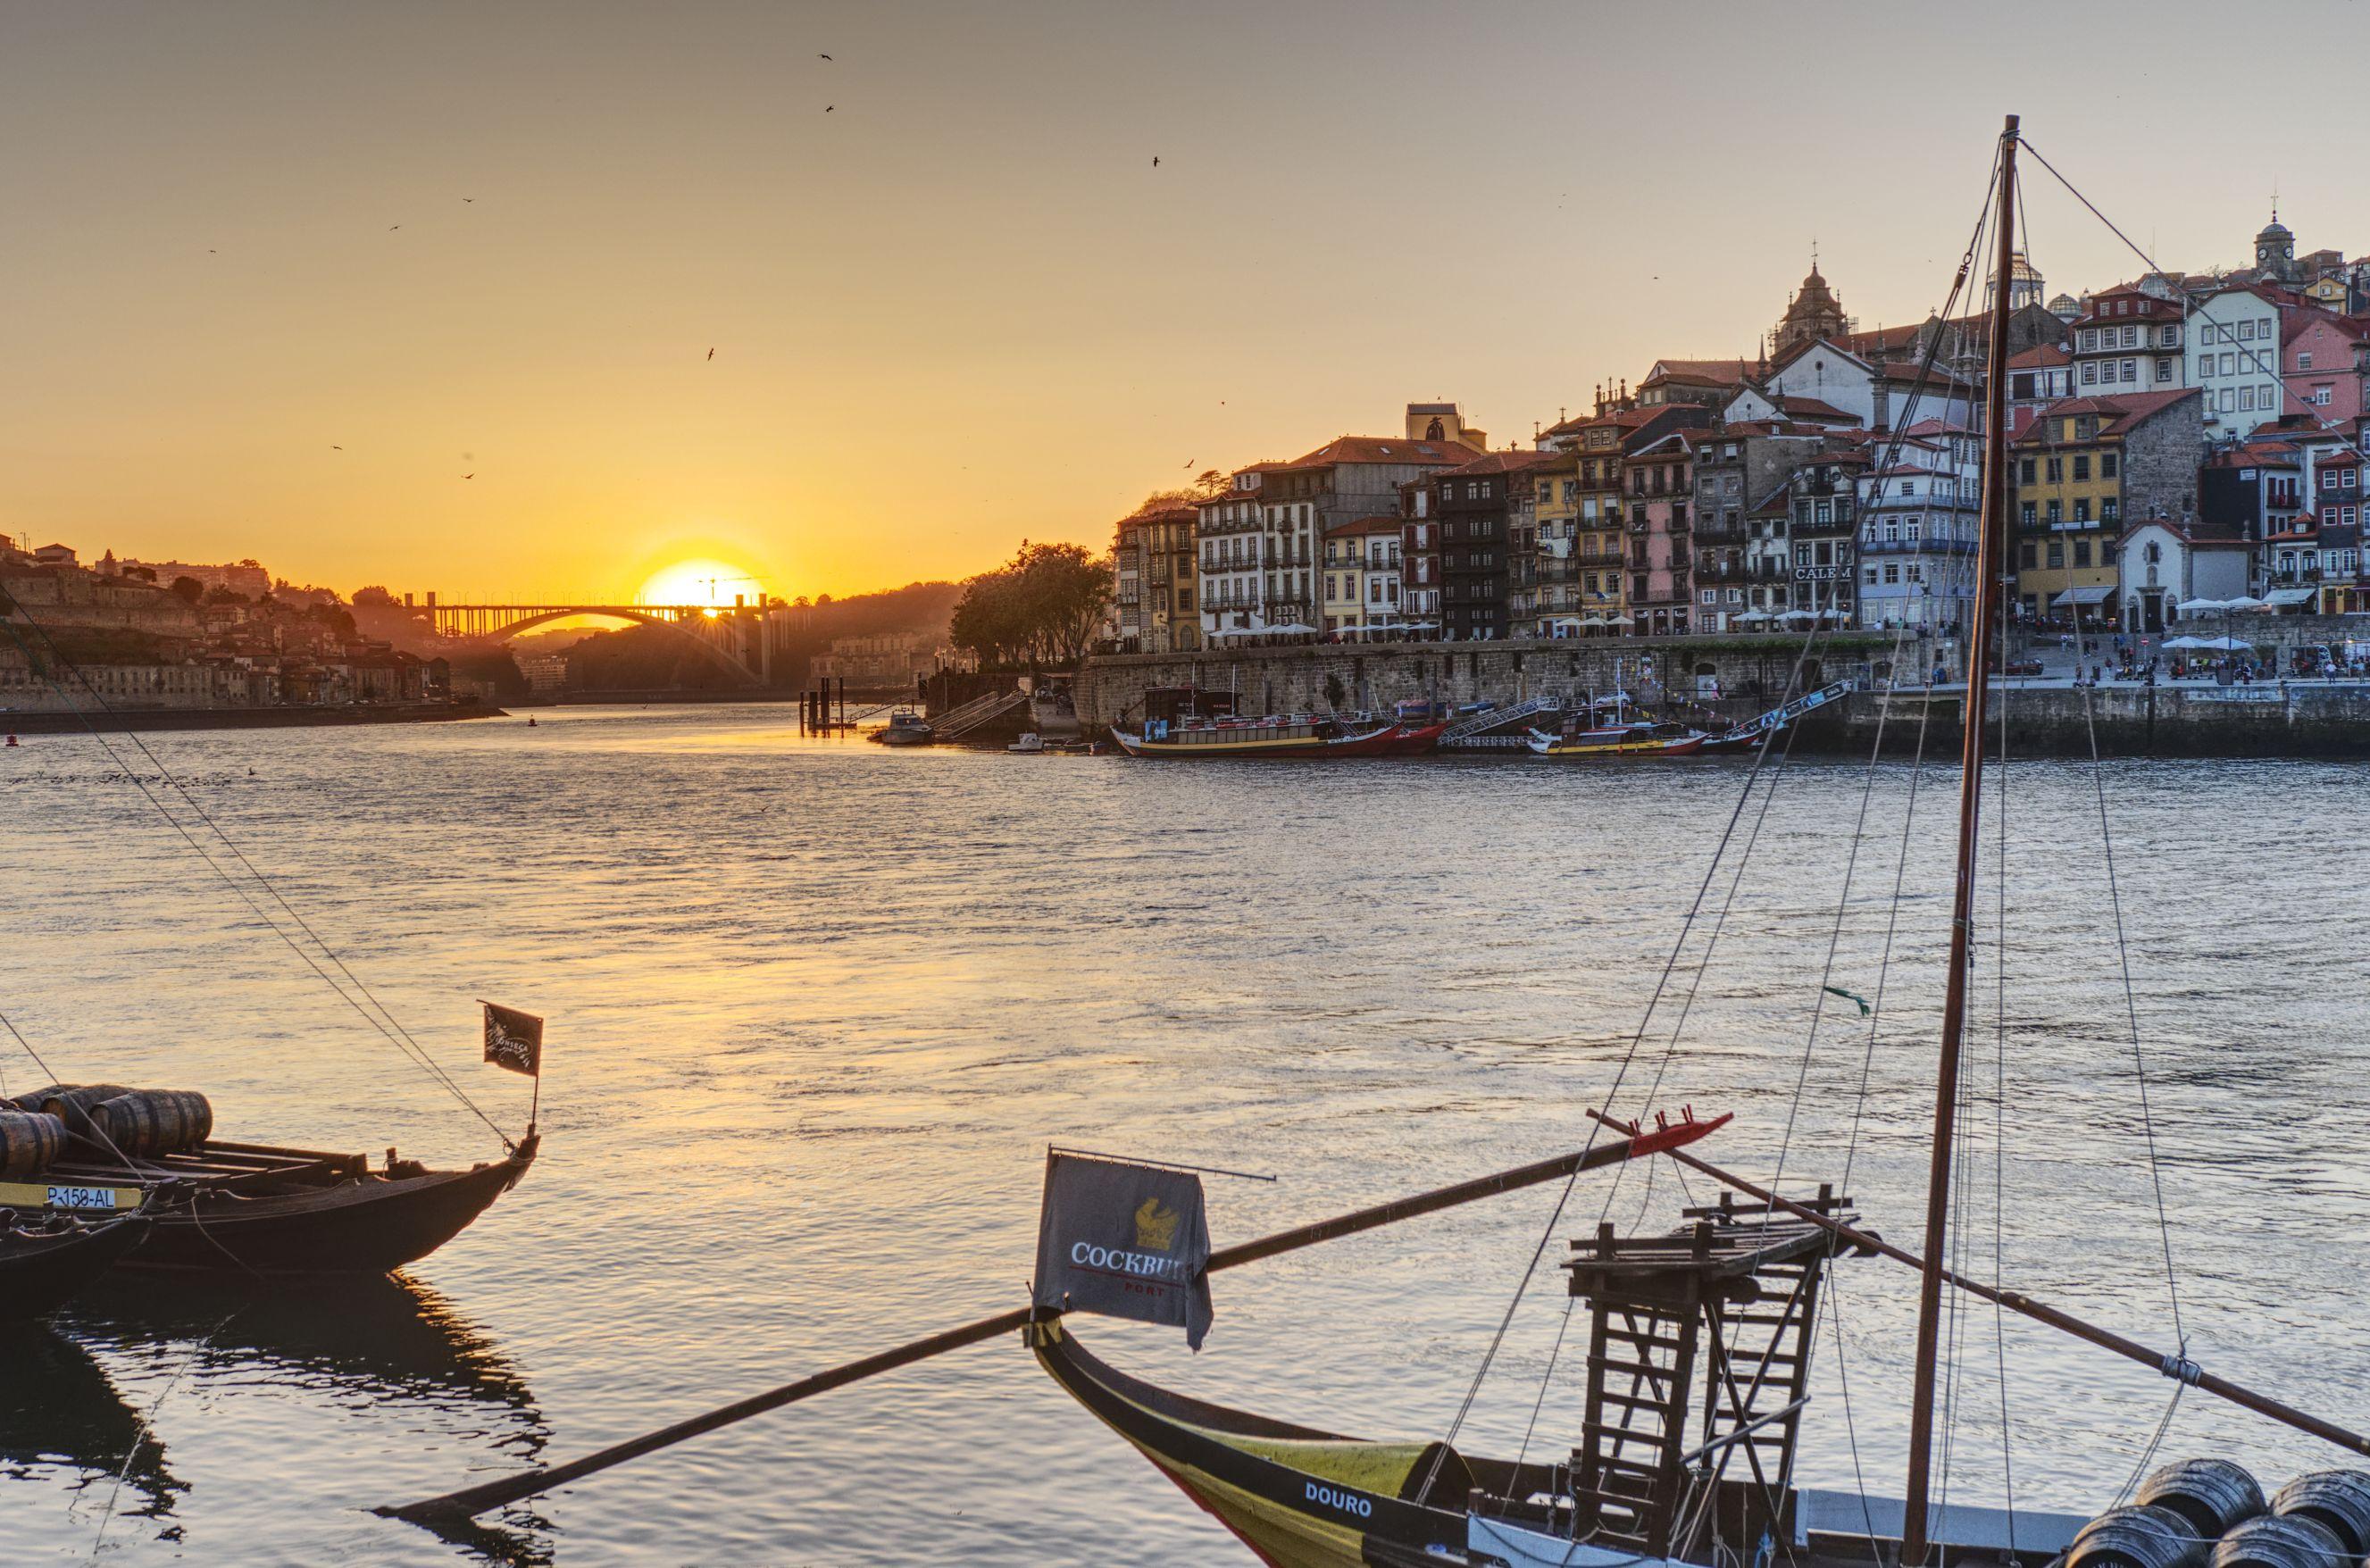 Der Fluß Douro im Sonnenuntergang